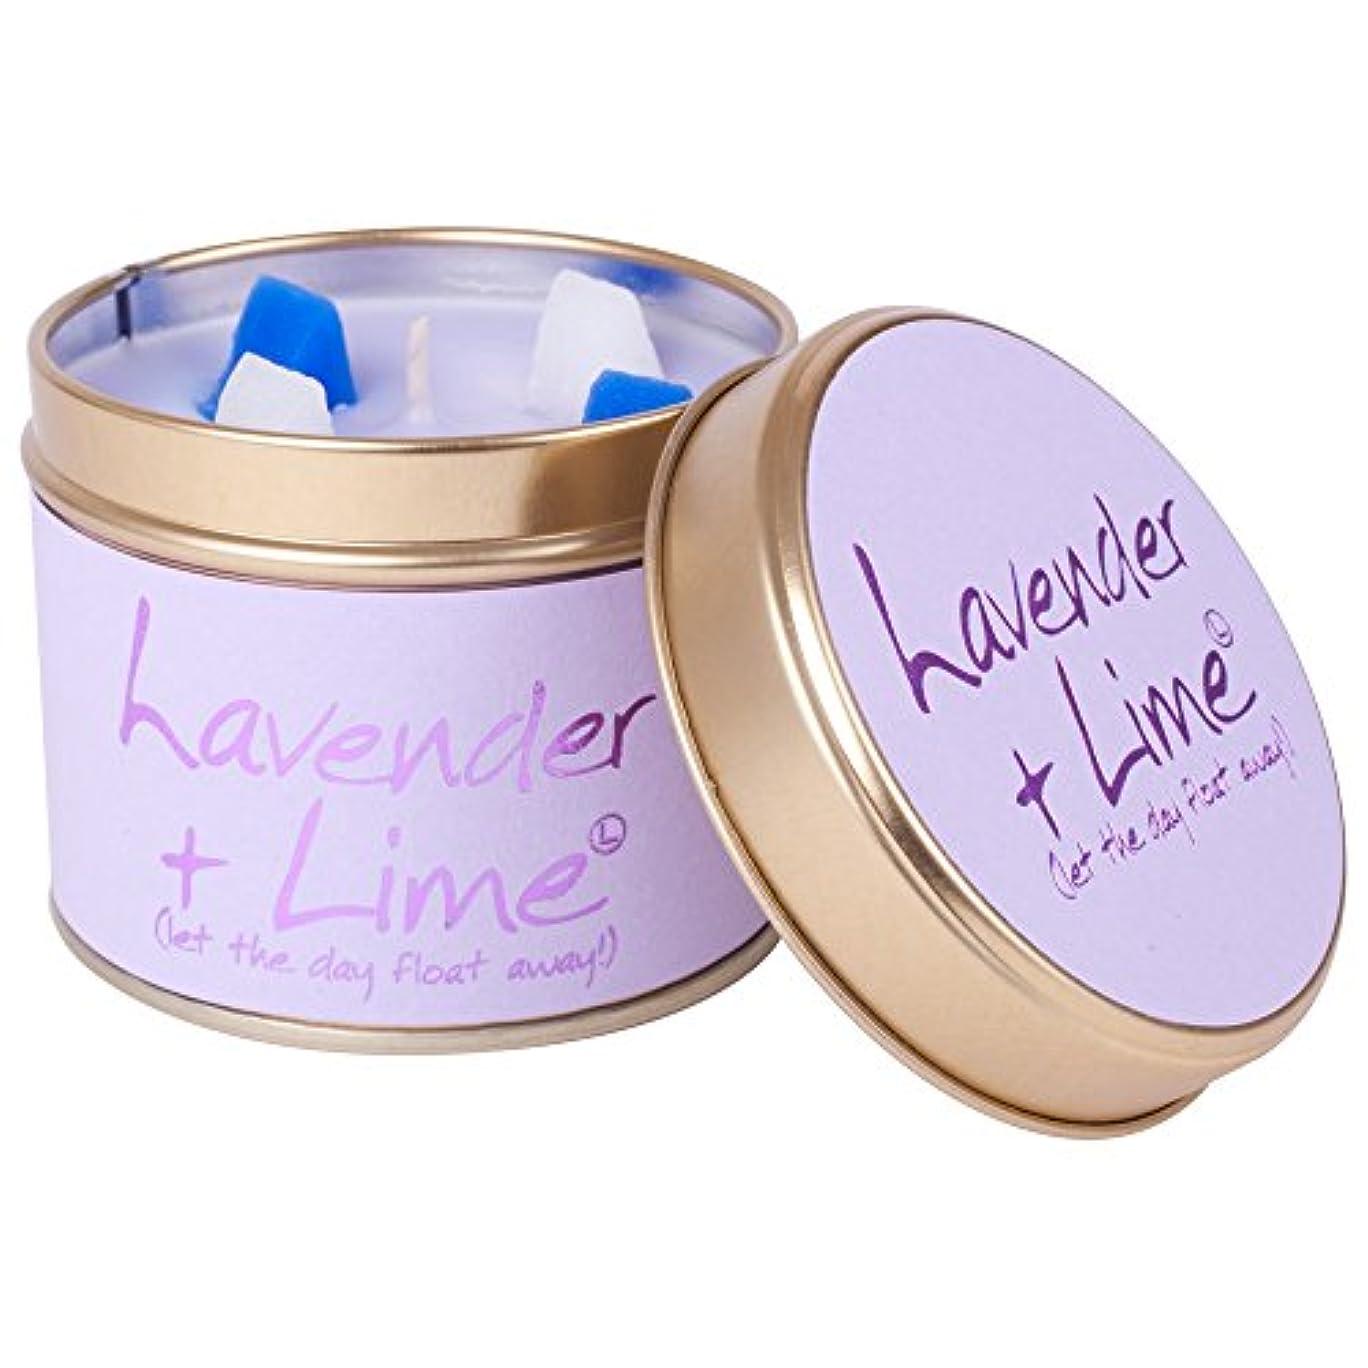 そよ風マニアック薬理学ユリ炎ラベンダー、ライムの香りのキャンドルスズ (Lily-Flame) - Lily-Flame Lavender and Lime Scented Candle Tin [並行輸入品]